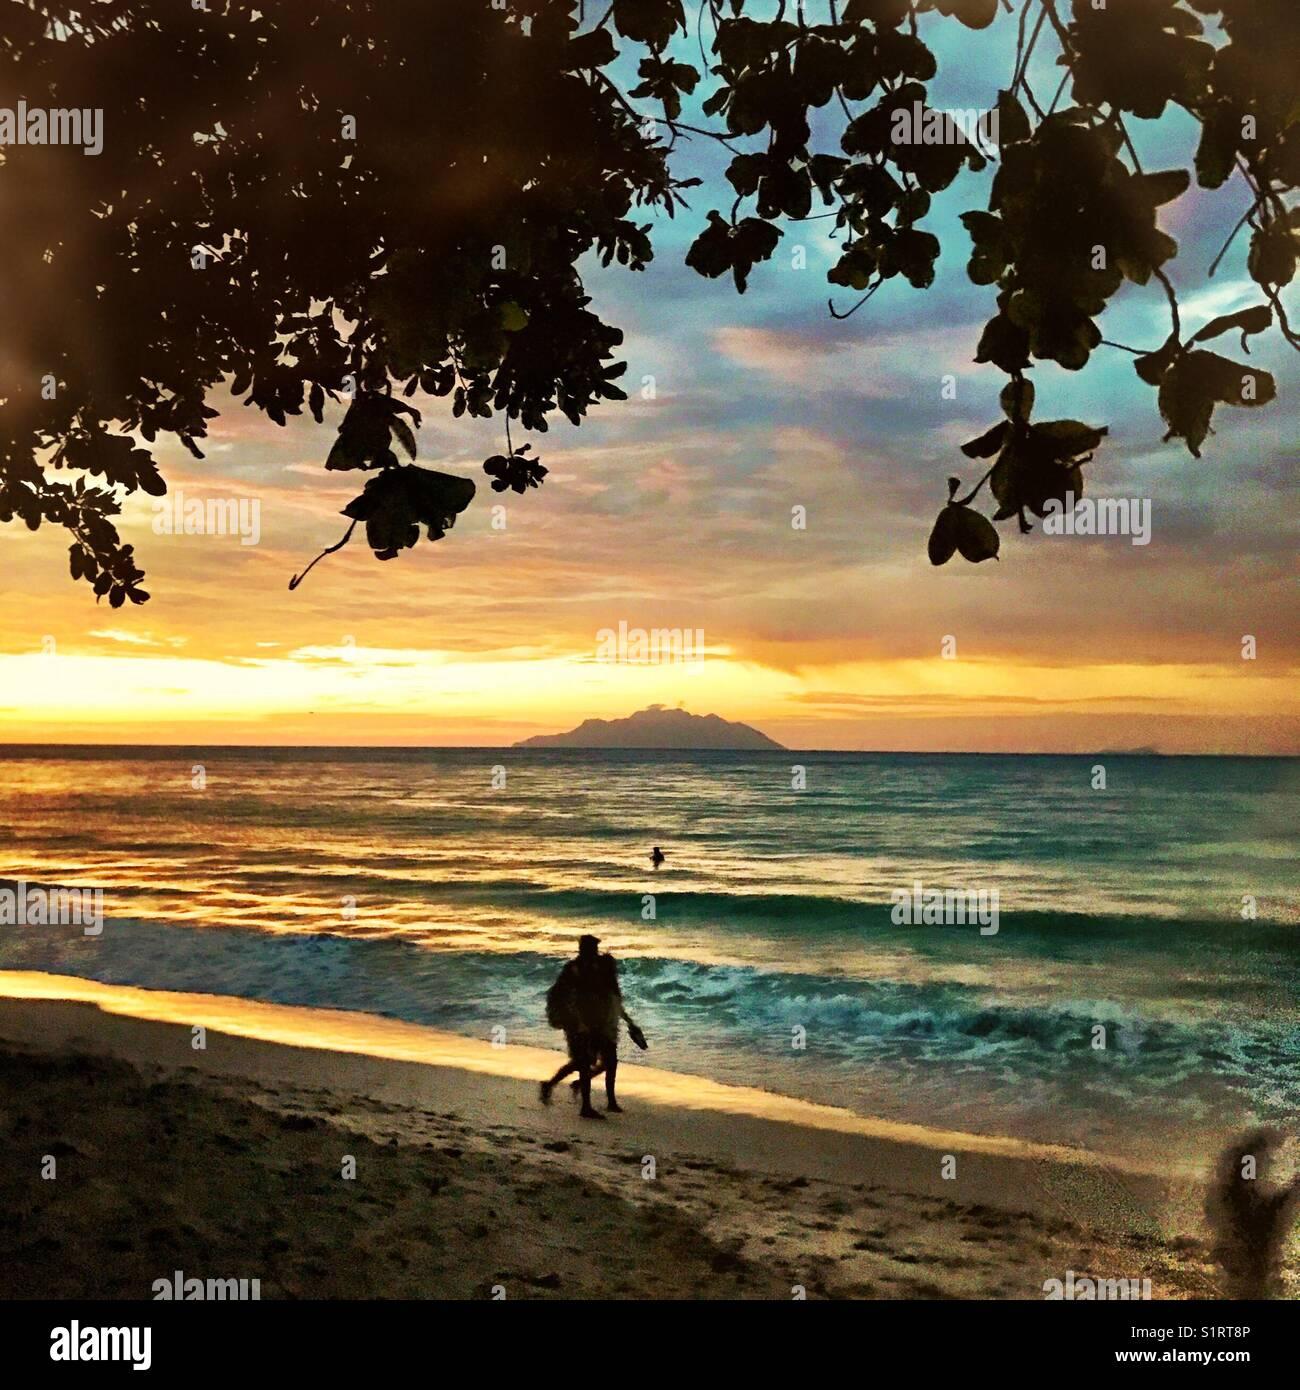 People on Seychelles beach Beau Vallon sunset - Stock Image